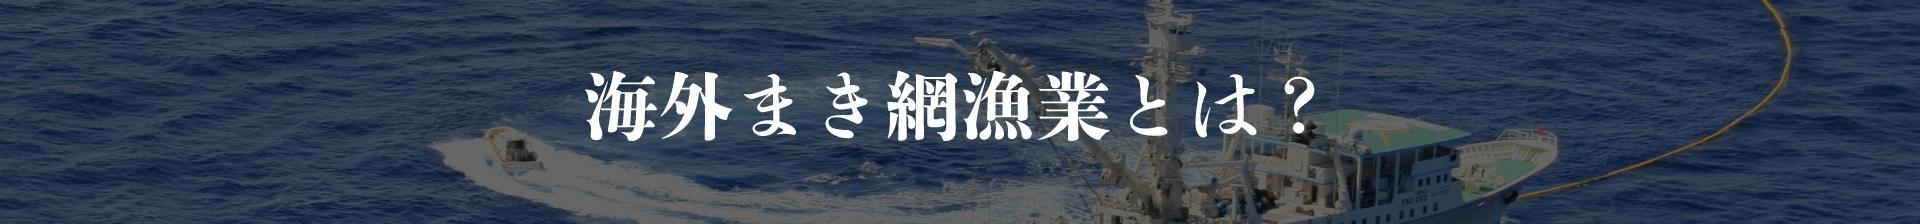 海外まき網漁業とはキャッチ